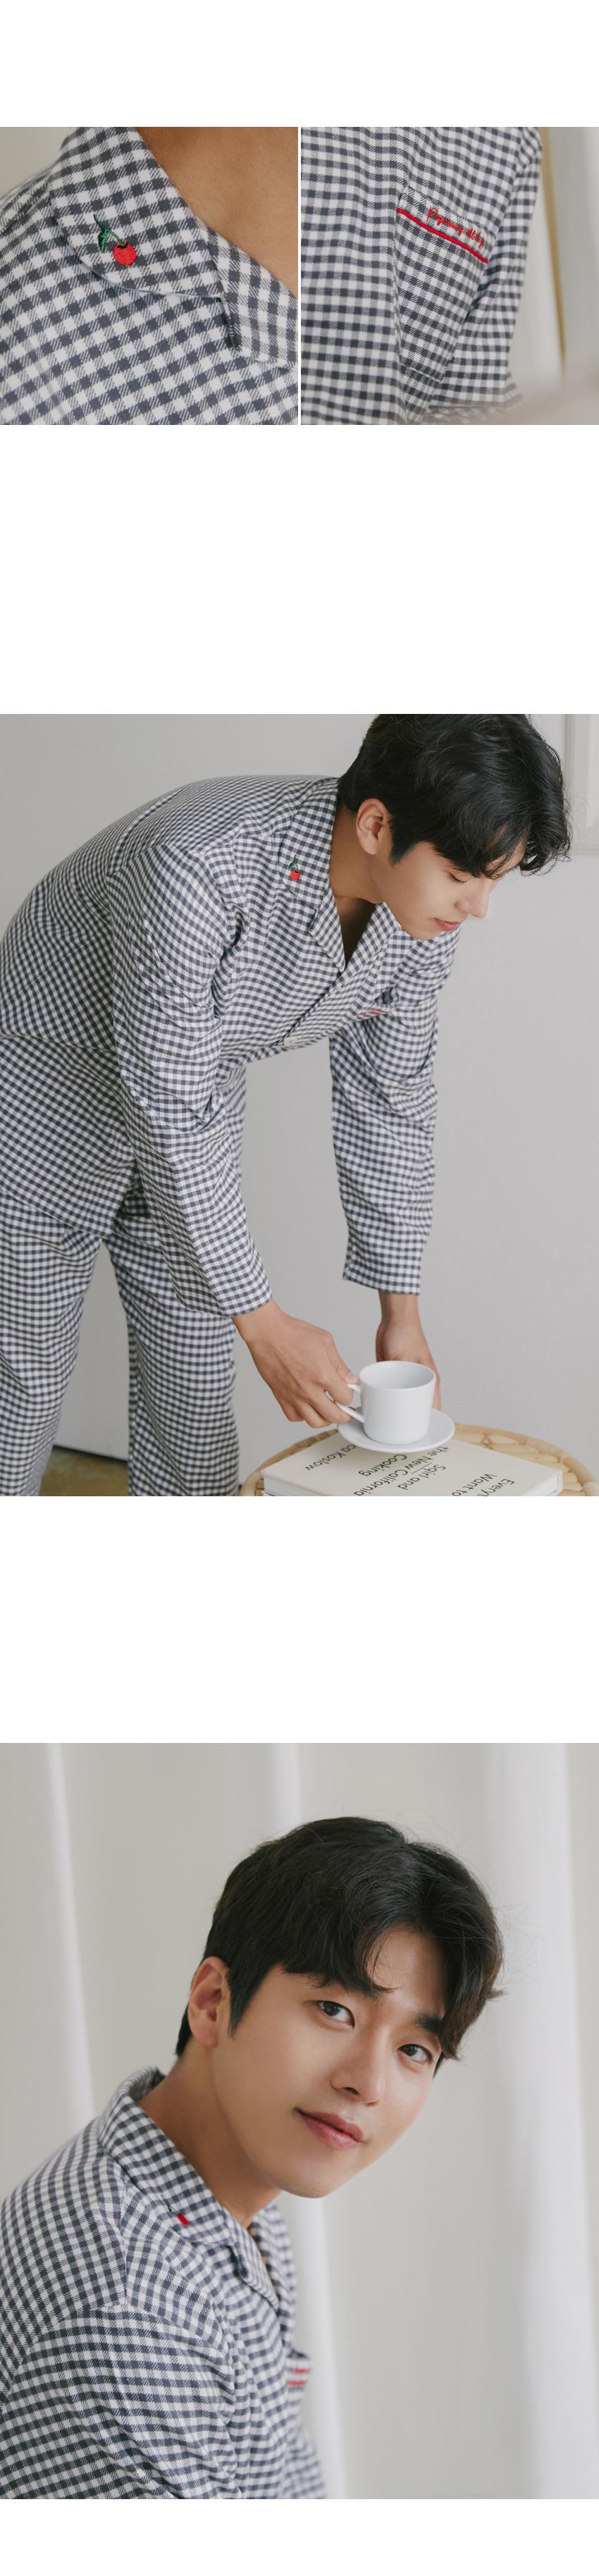 코지 체크 기모면 남자 겨울잠옷 파자마 - 바이메이비, 69,800원, 잠옷, 남성파자마